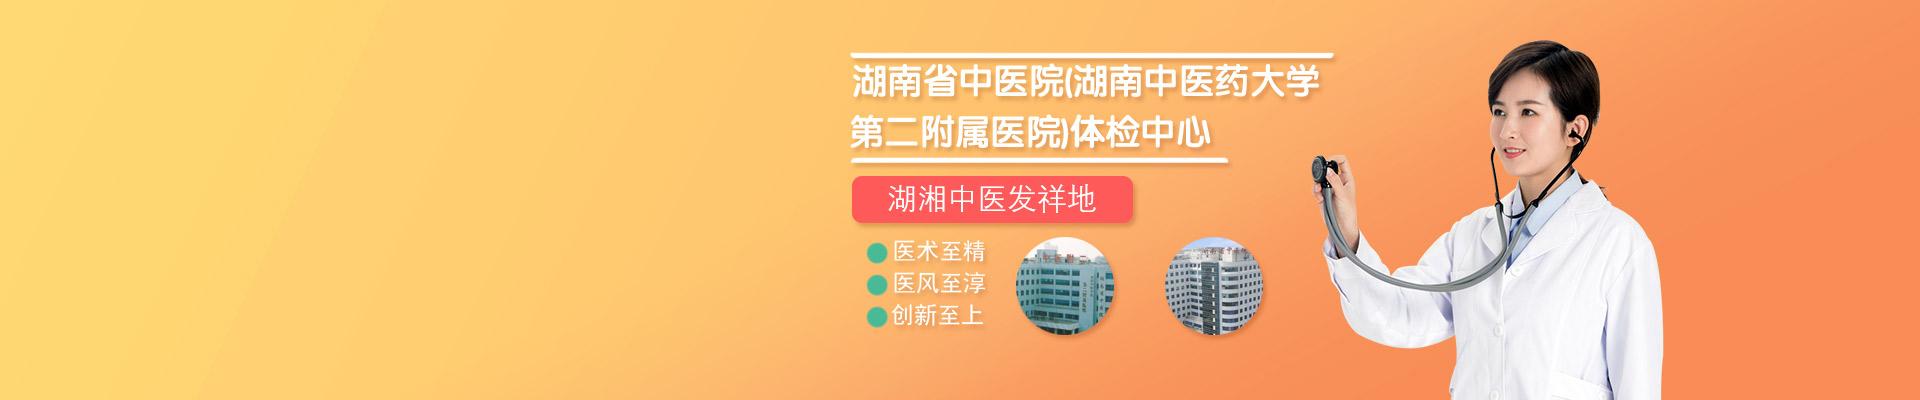 湖南省中医院(湖南中医药大学第二附属医院)体检中心PC